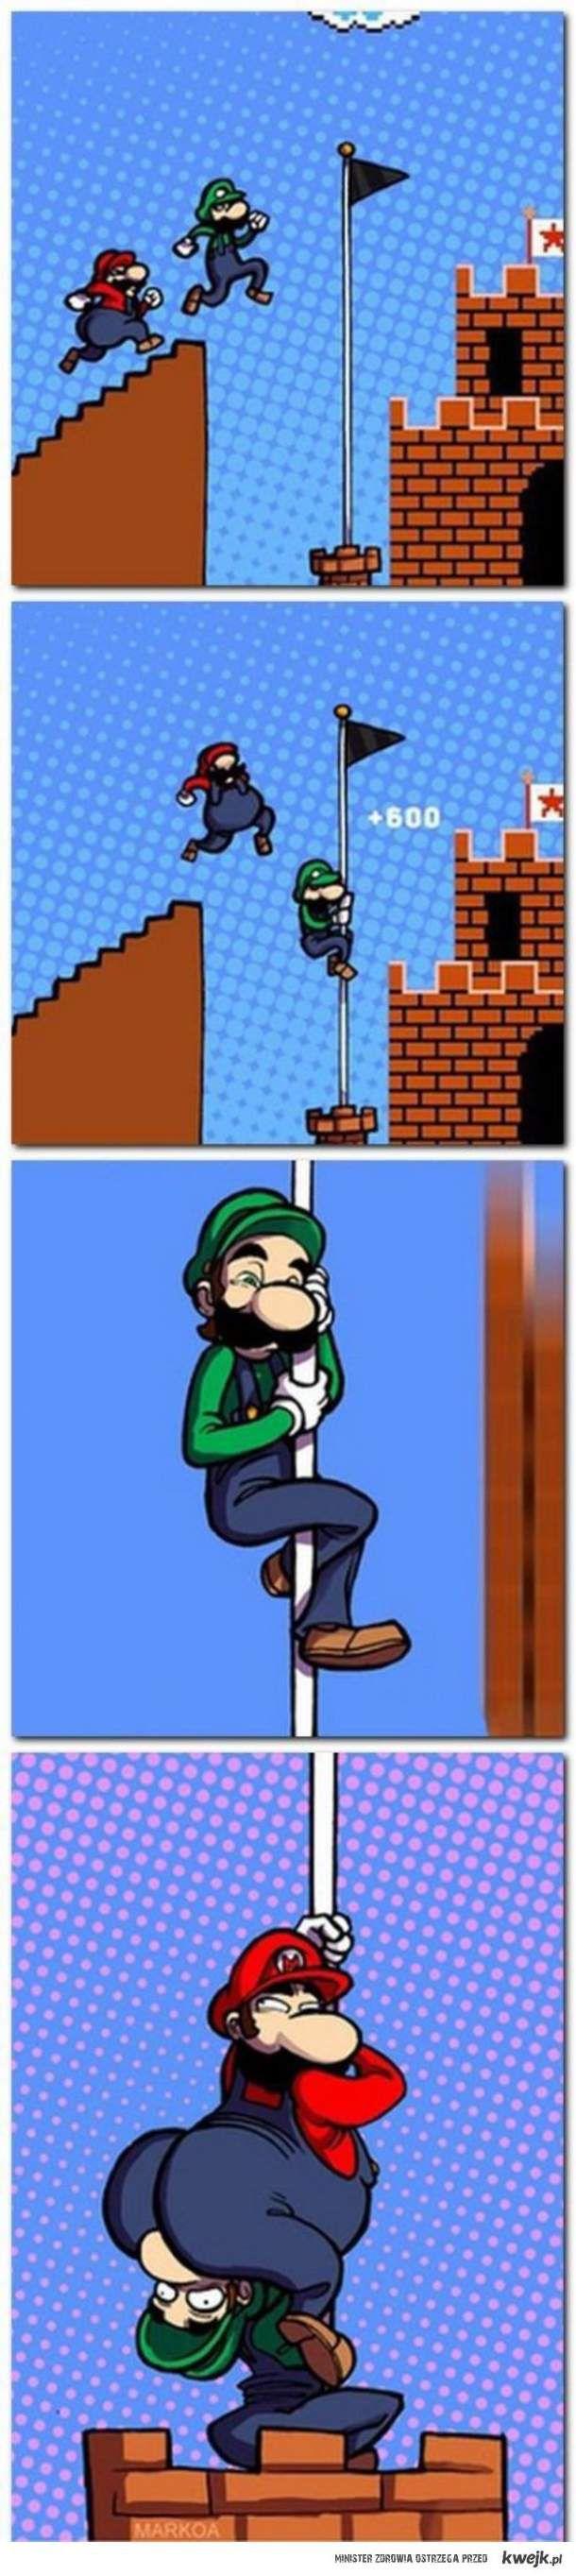 Mario :D